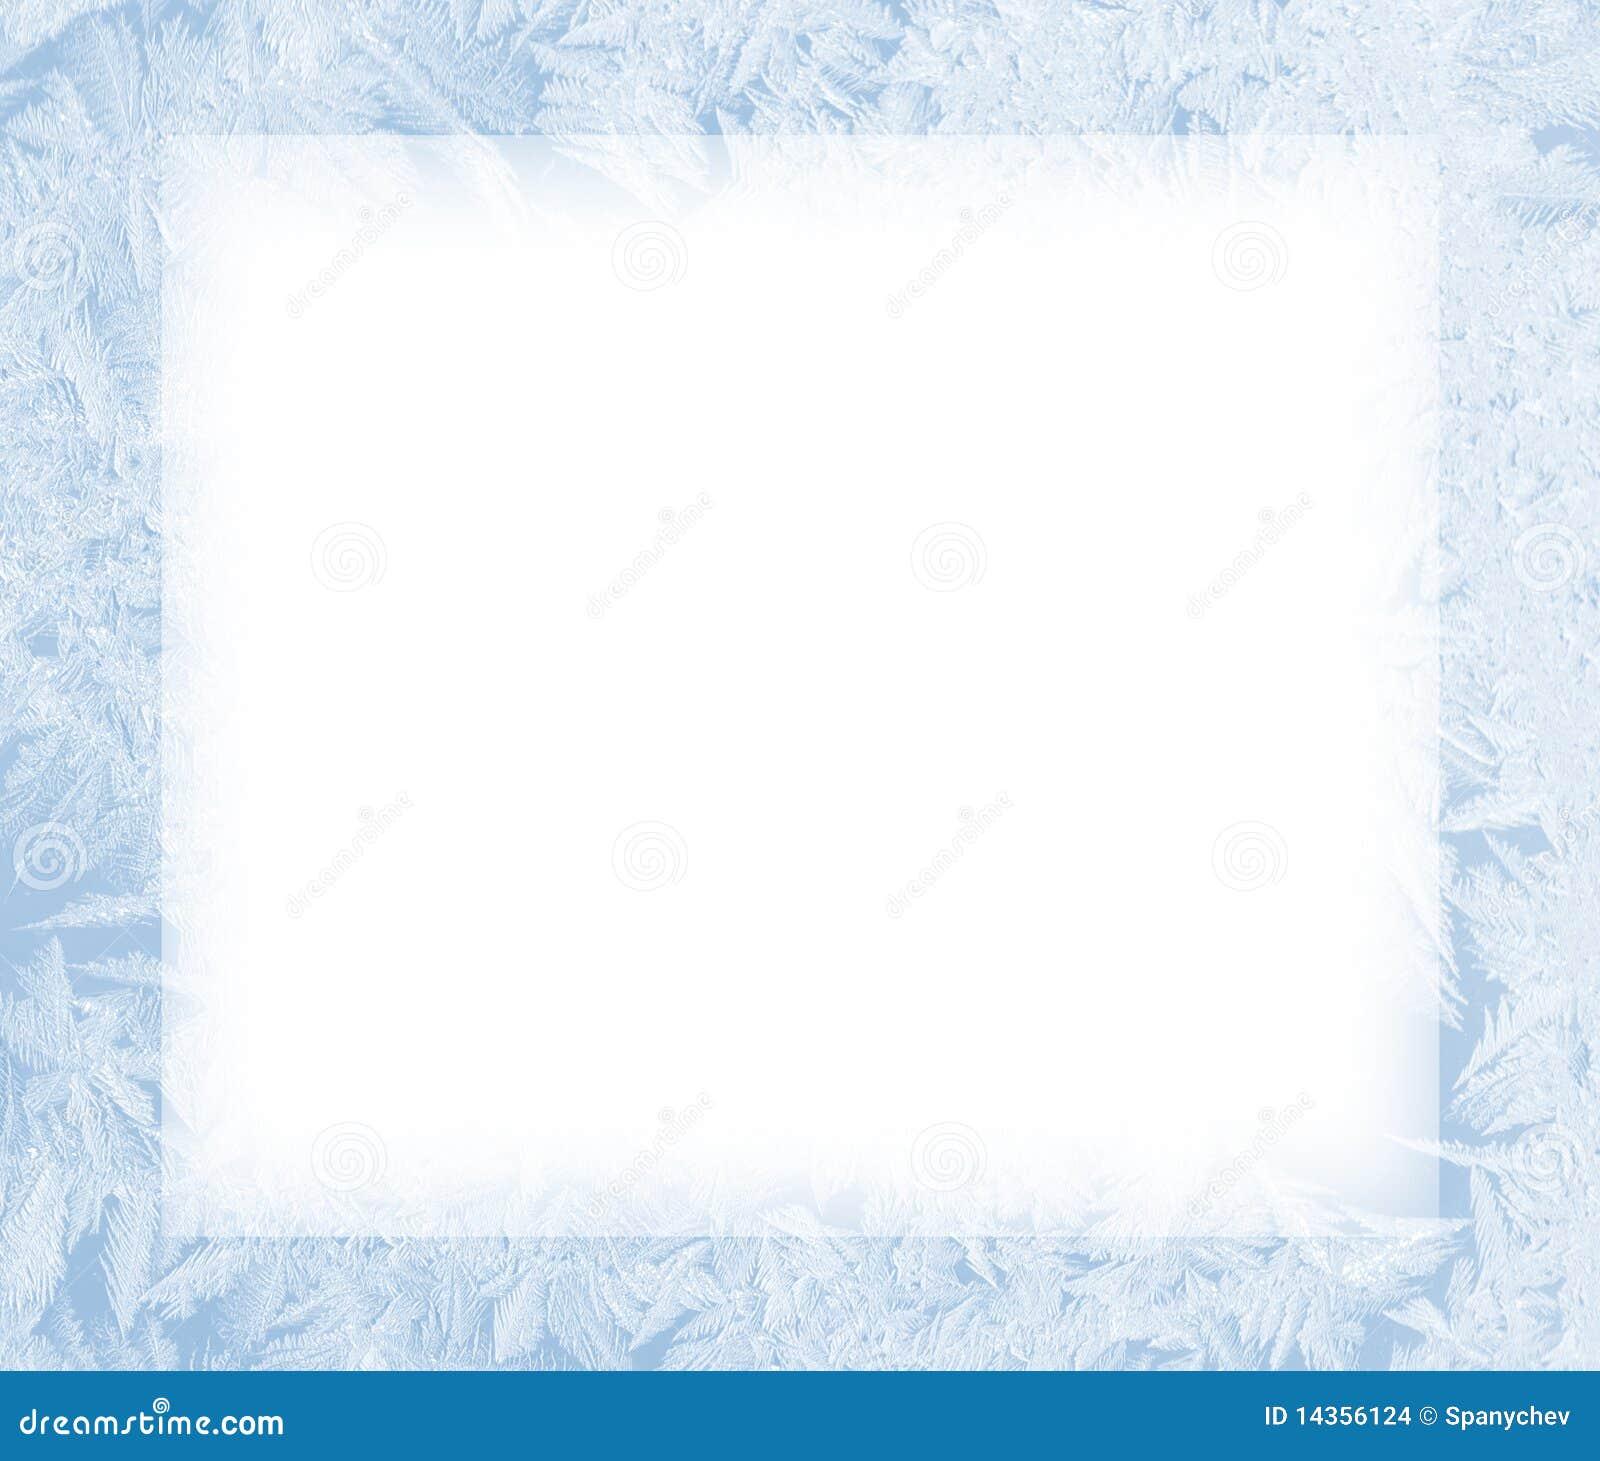 Lujo Congelar Producciones Frame Ideas - Ideas de Arte Enmarcado ...